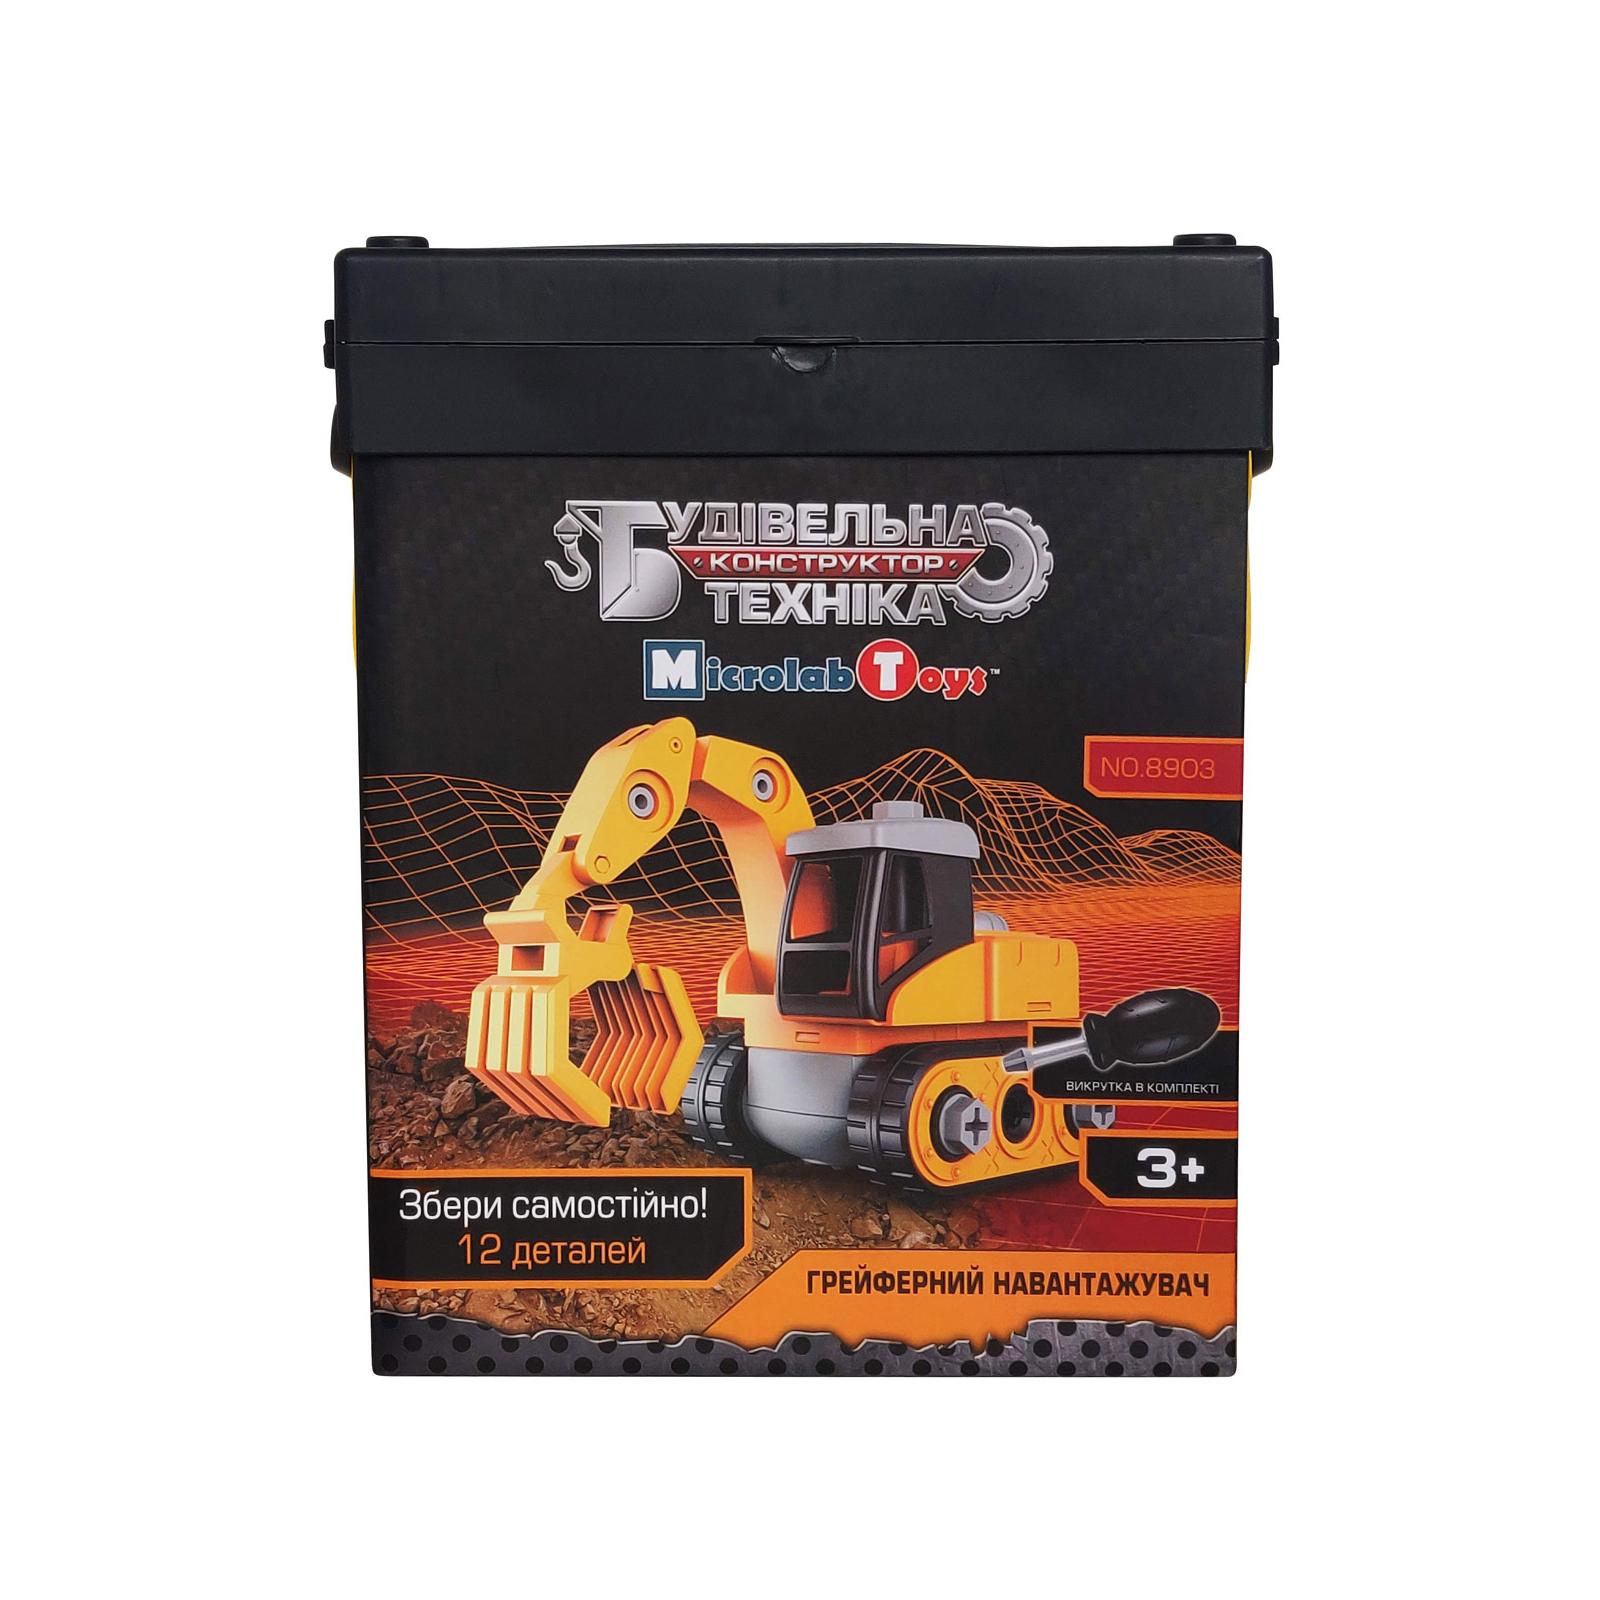 Конструктор Microlab Toys Строительная техника - Ковш погрузчик (MT8903) изображение 2